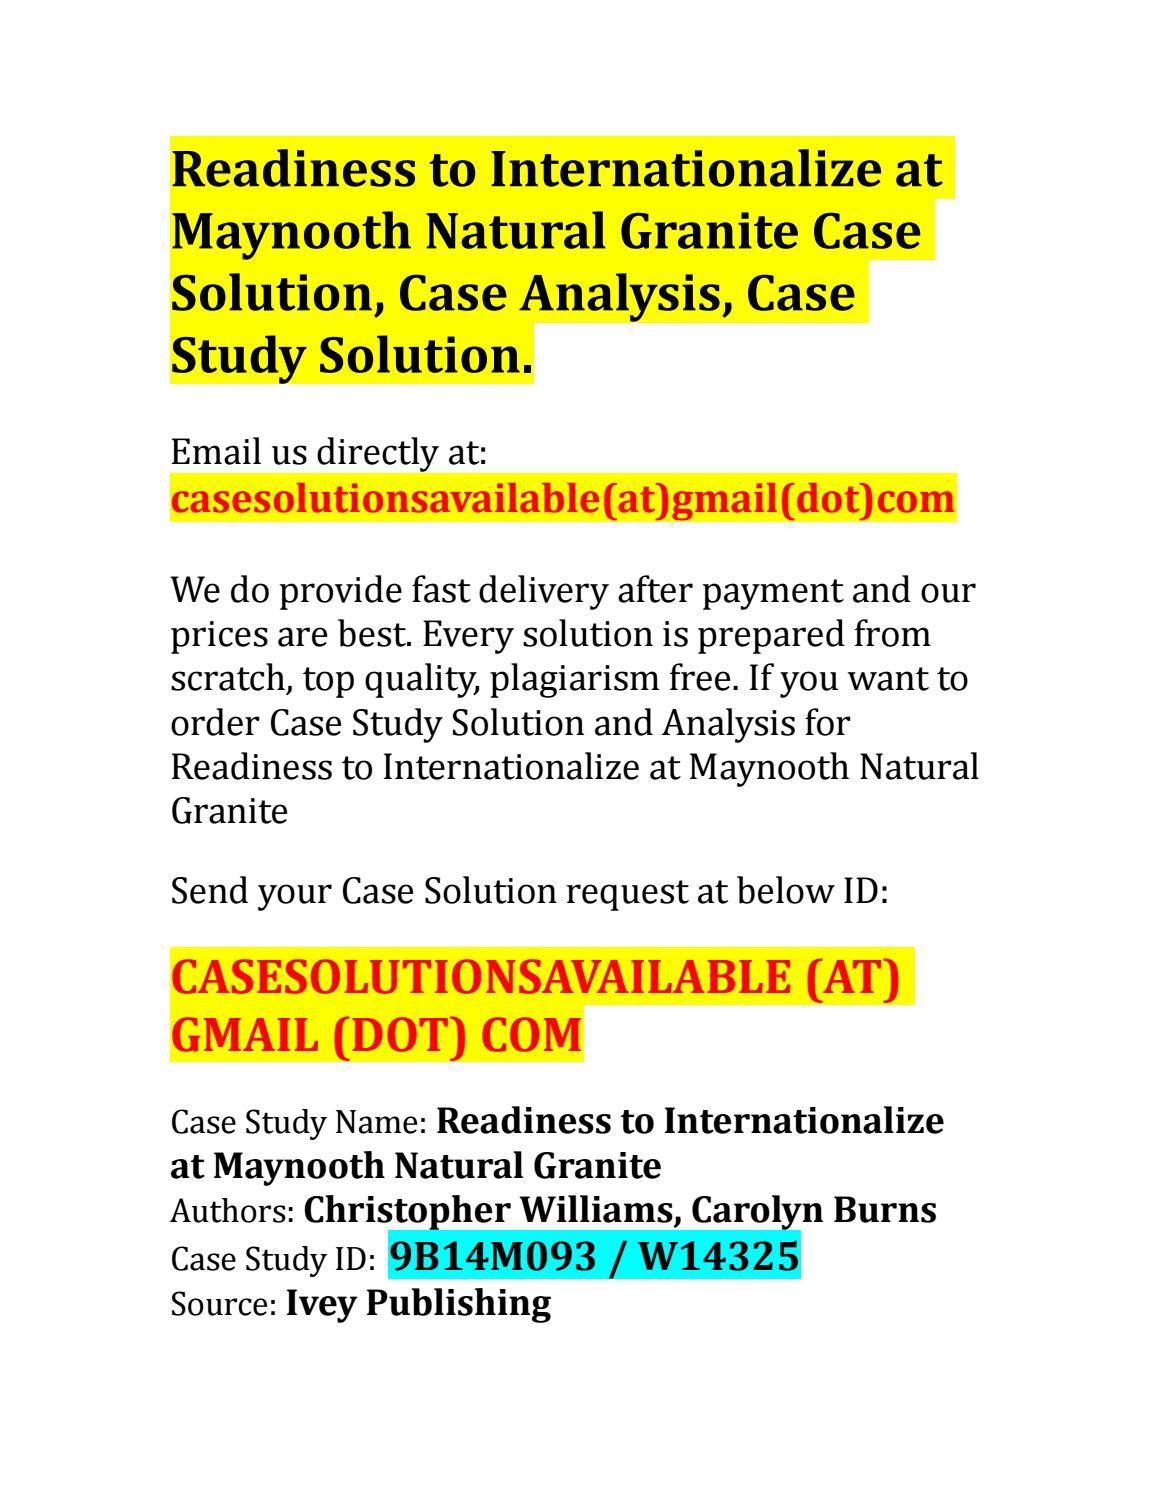 Groupon Case Analysis SlideShare